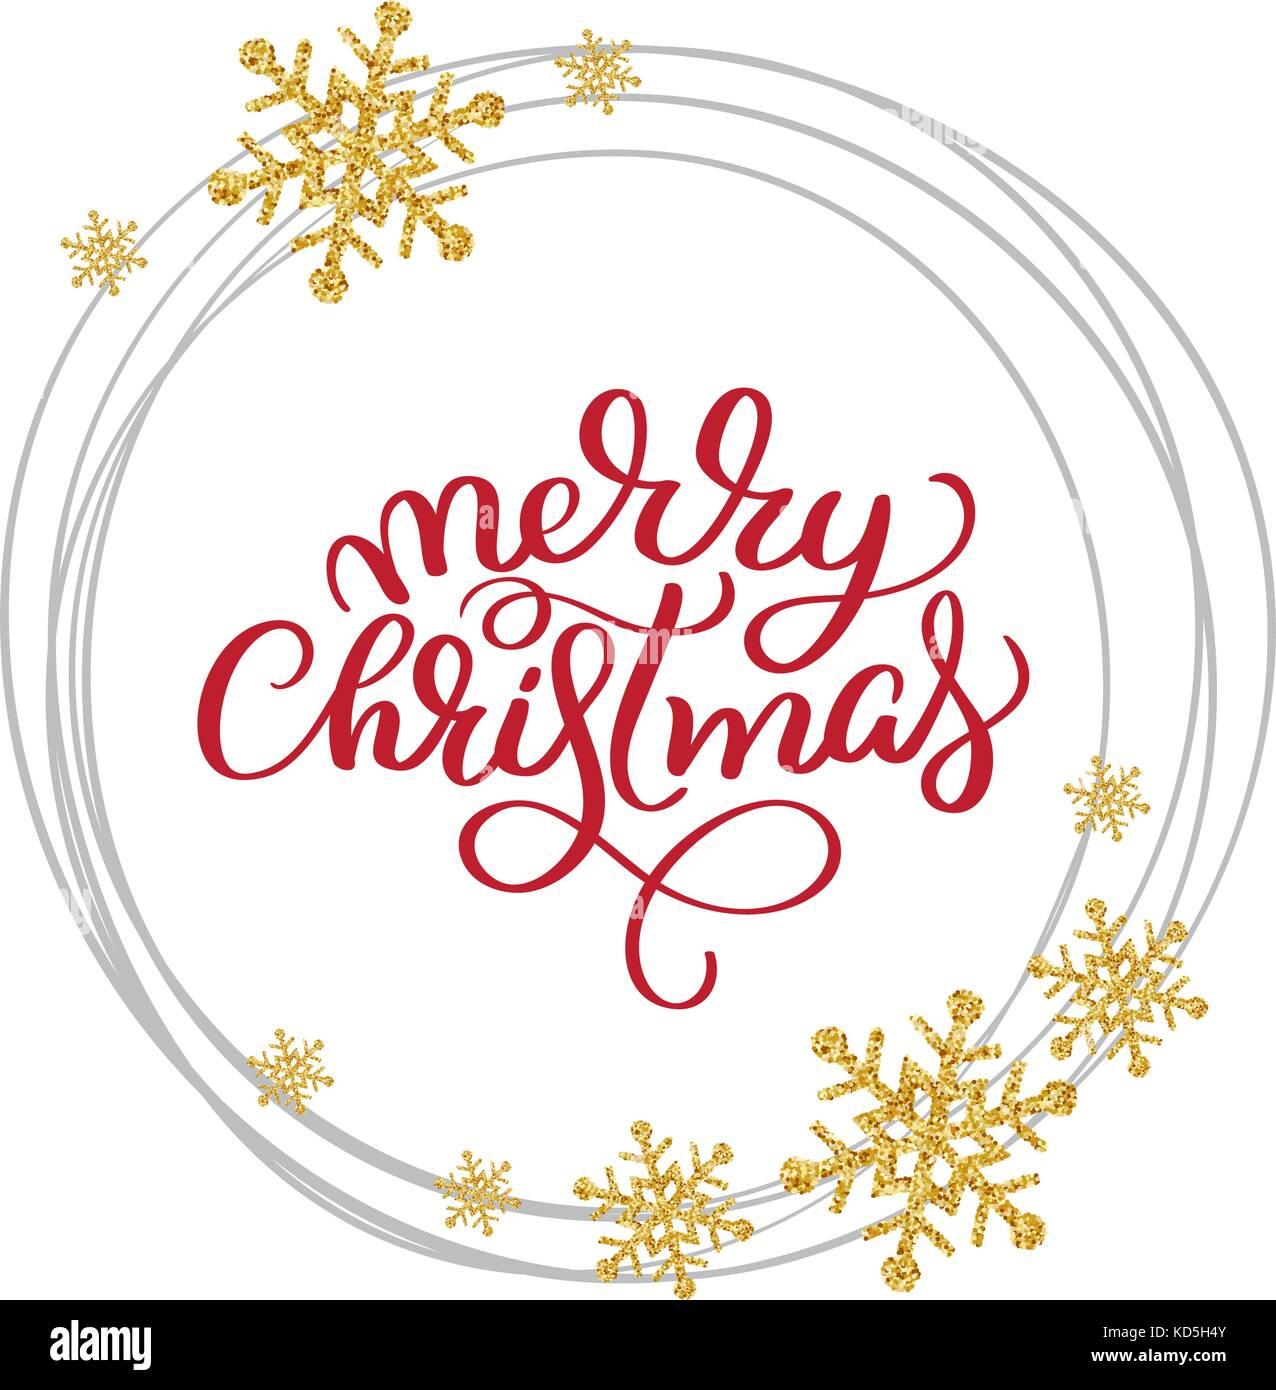 Frohe Weihnachten Vektor text kalligrafischen Schrift design Karte ...